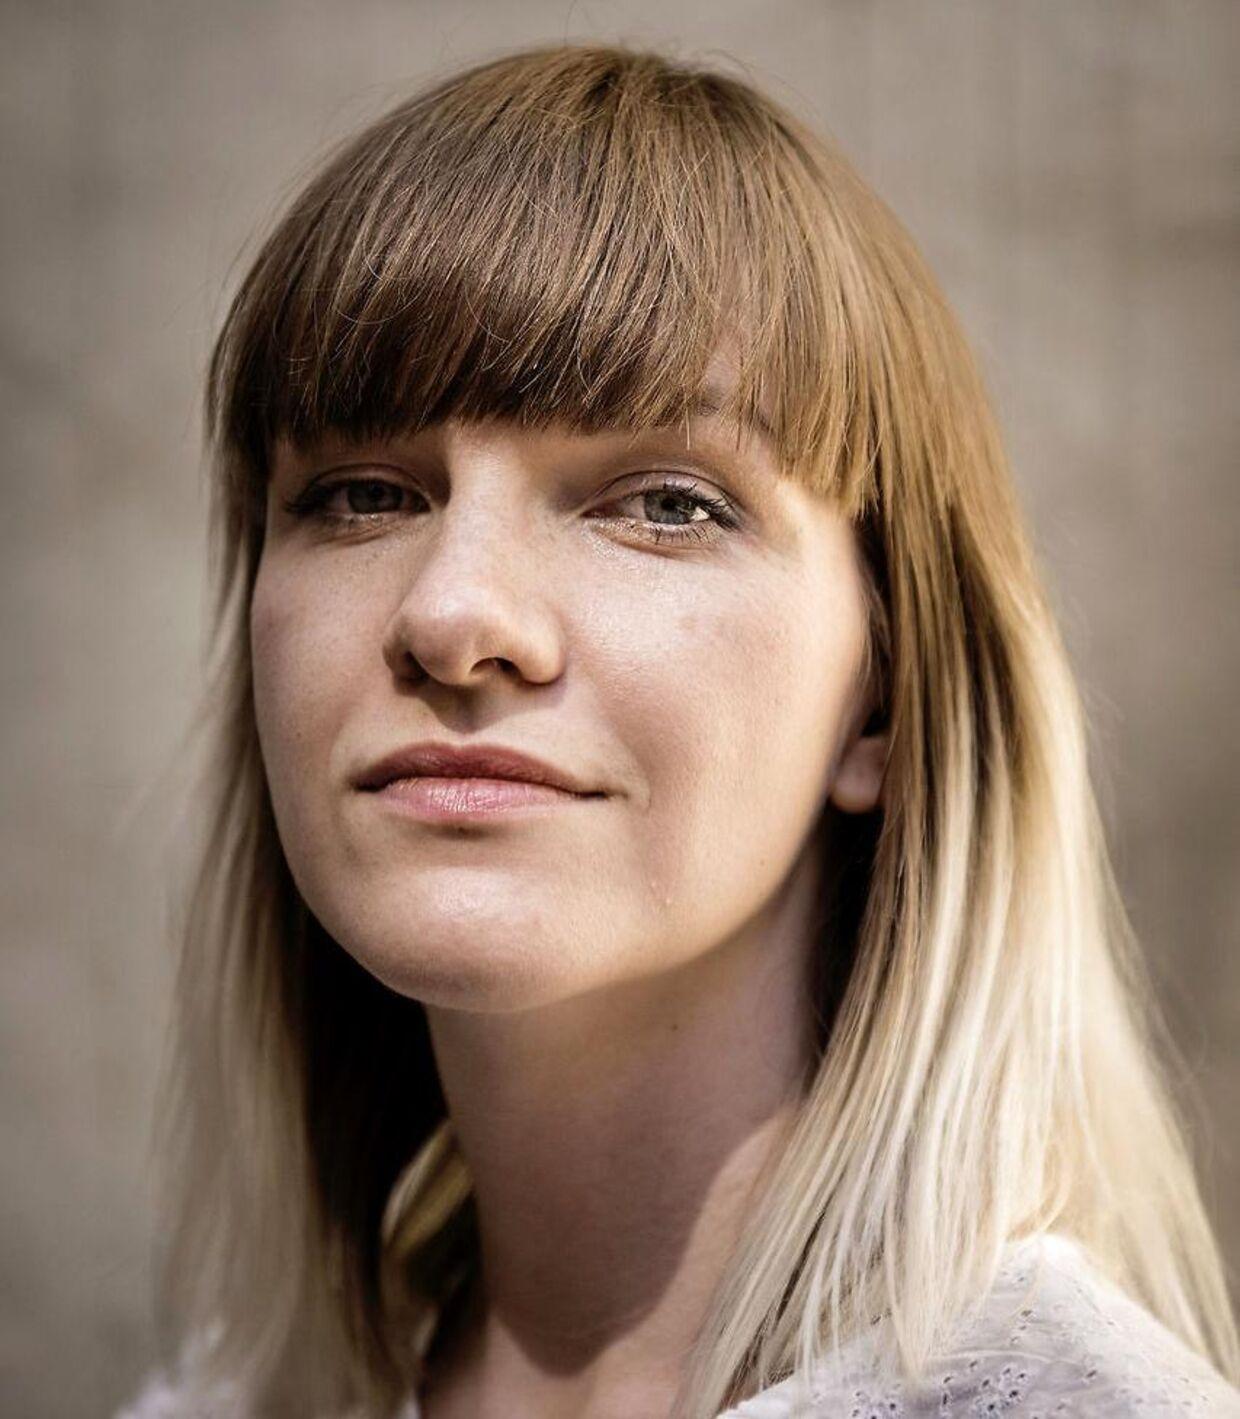 Aurelija Aniulyte, dansk talsperson for den højrenationalistiske bevægelse Generation Identitær.